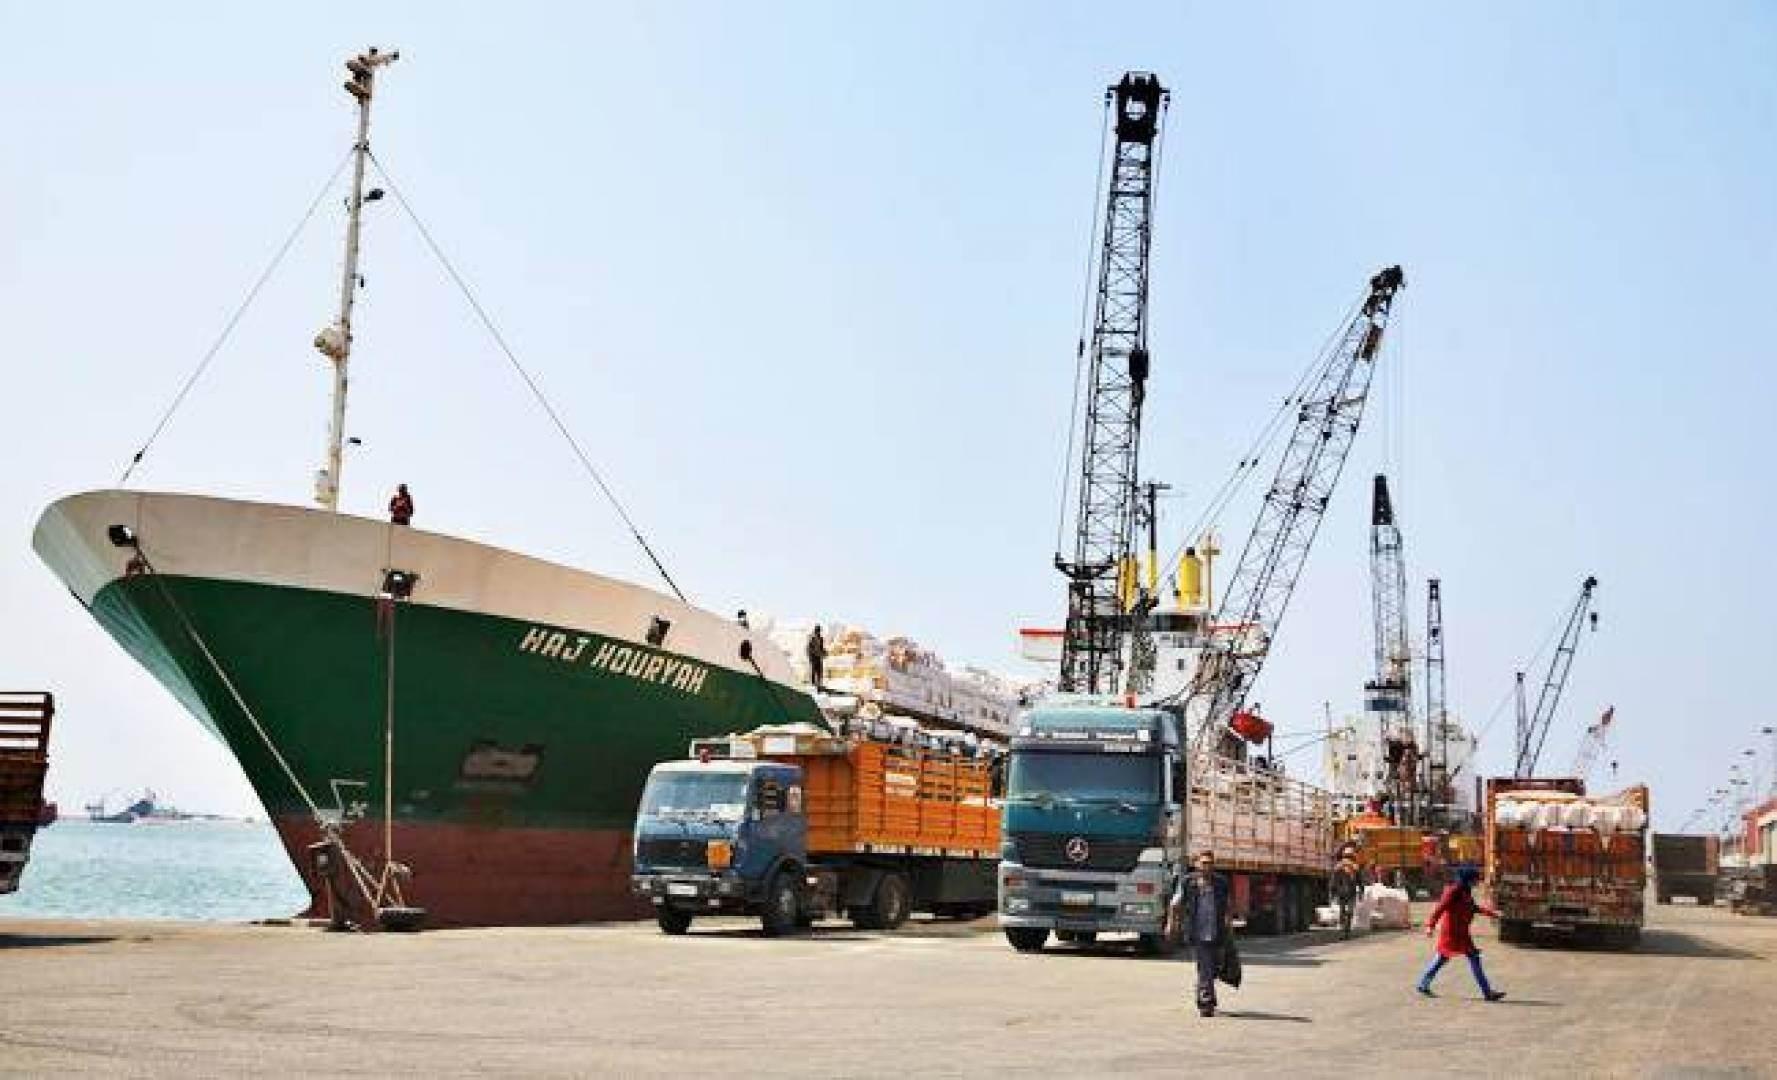 هل تستثمر الصين مرفأ طرابلس كمركز للمبادلات التجارية في شرق البحر الأبيض المتوسط